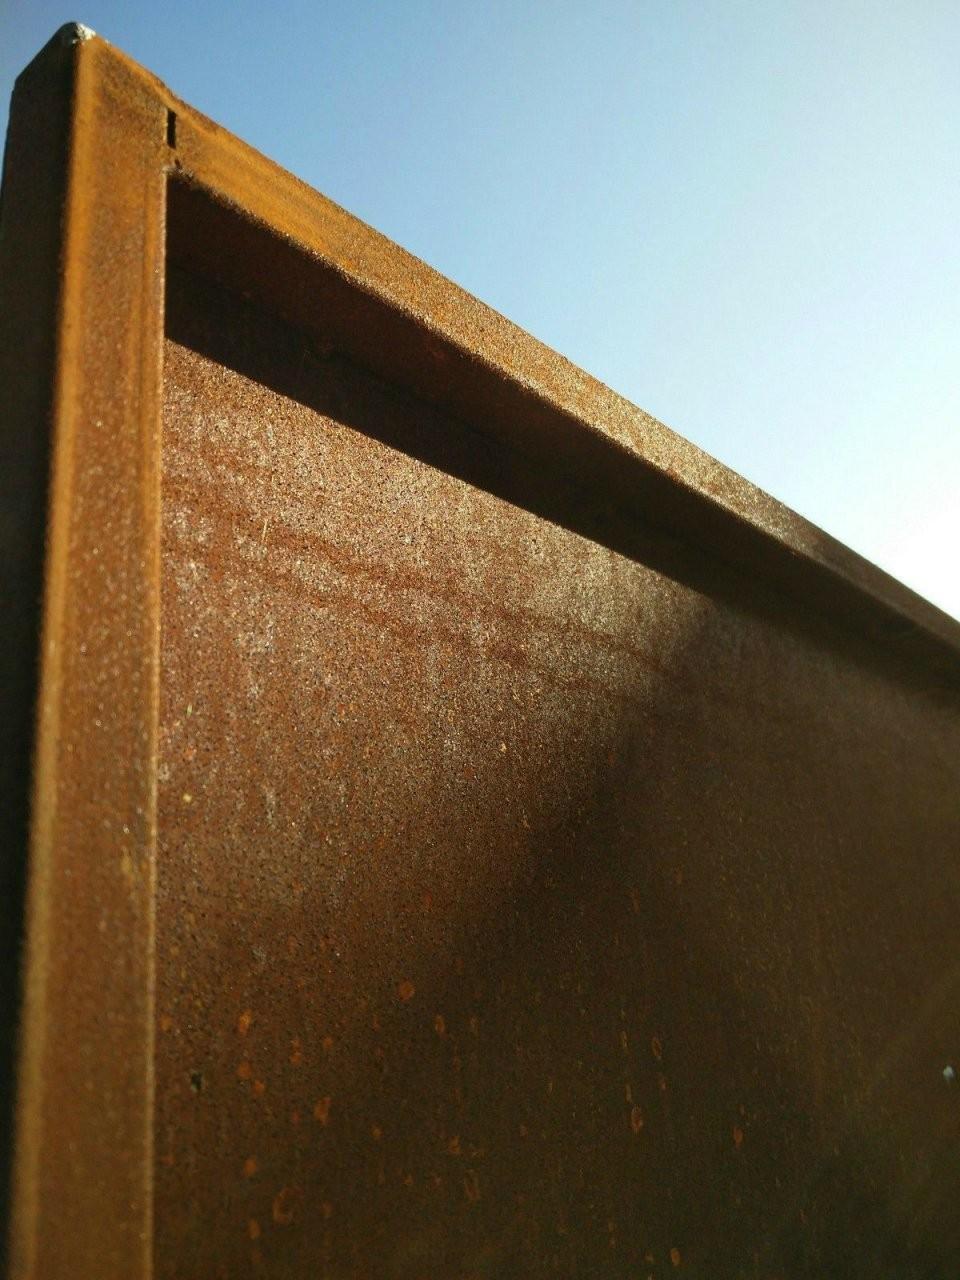 Sichtschutz Metall Rost Selber Machen